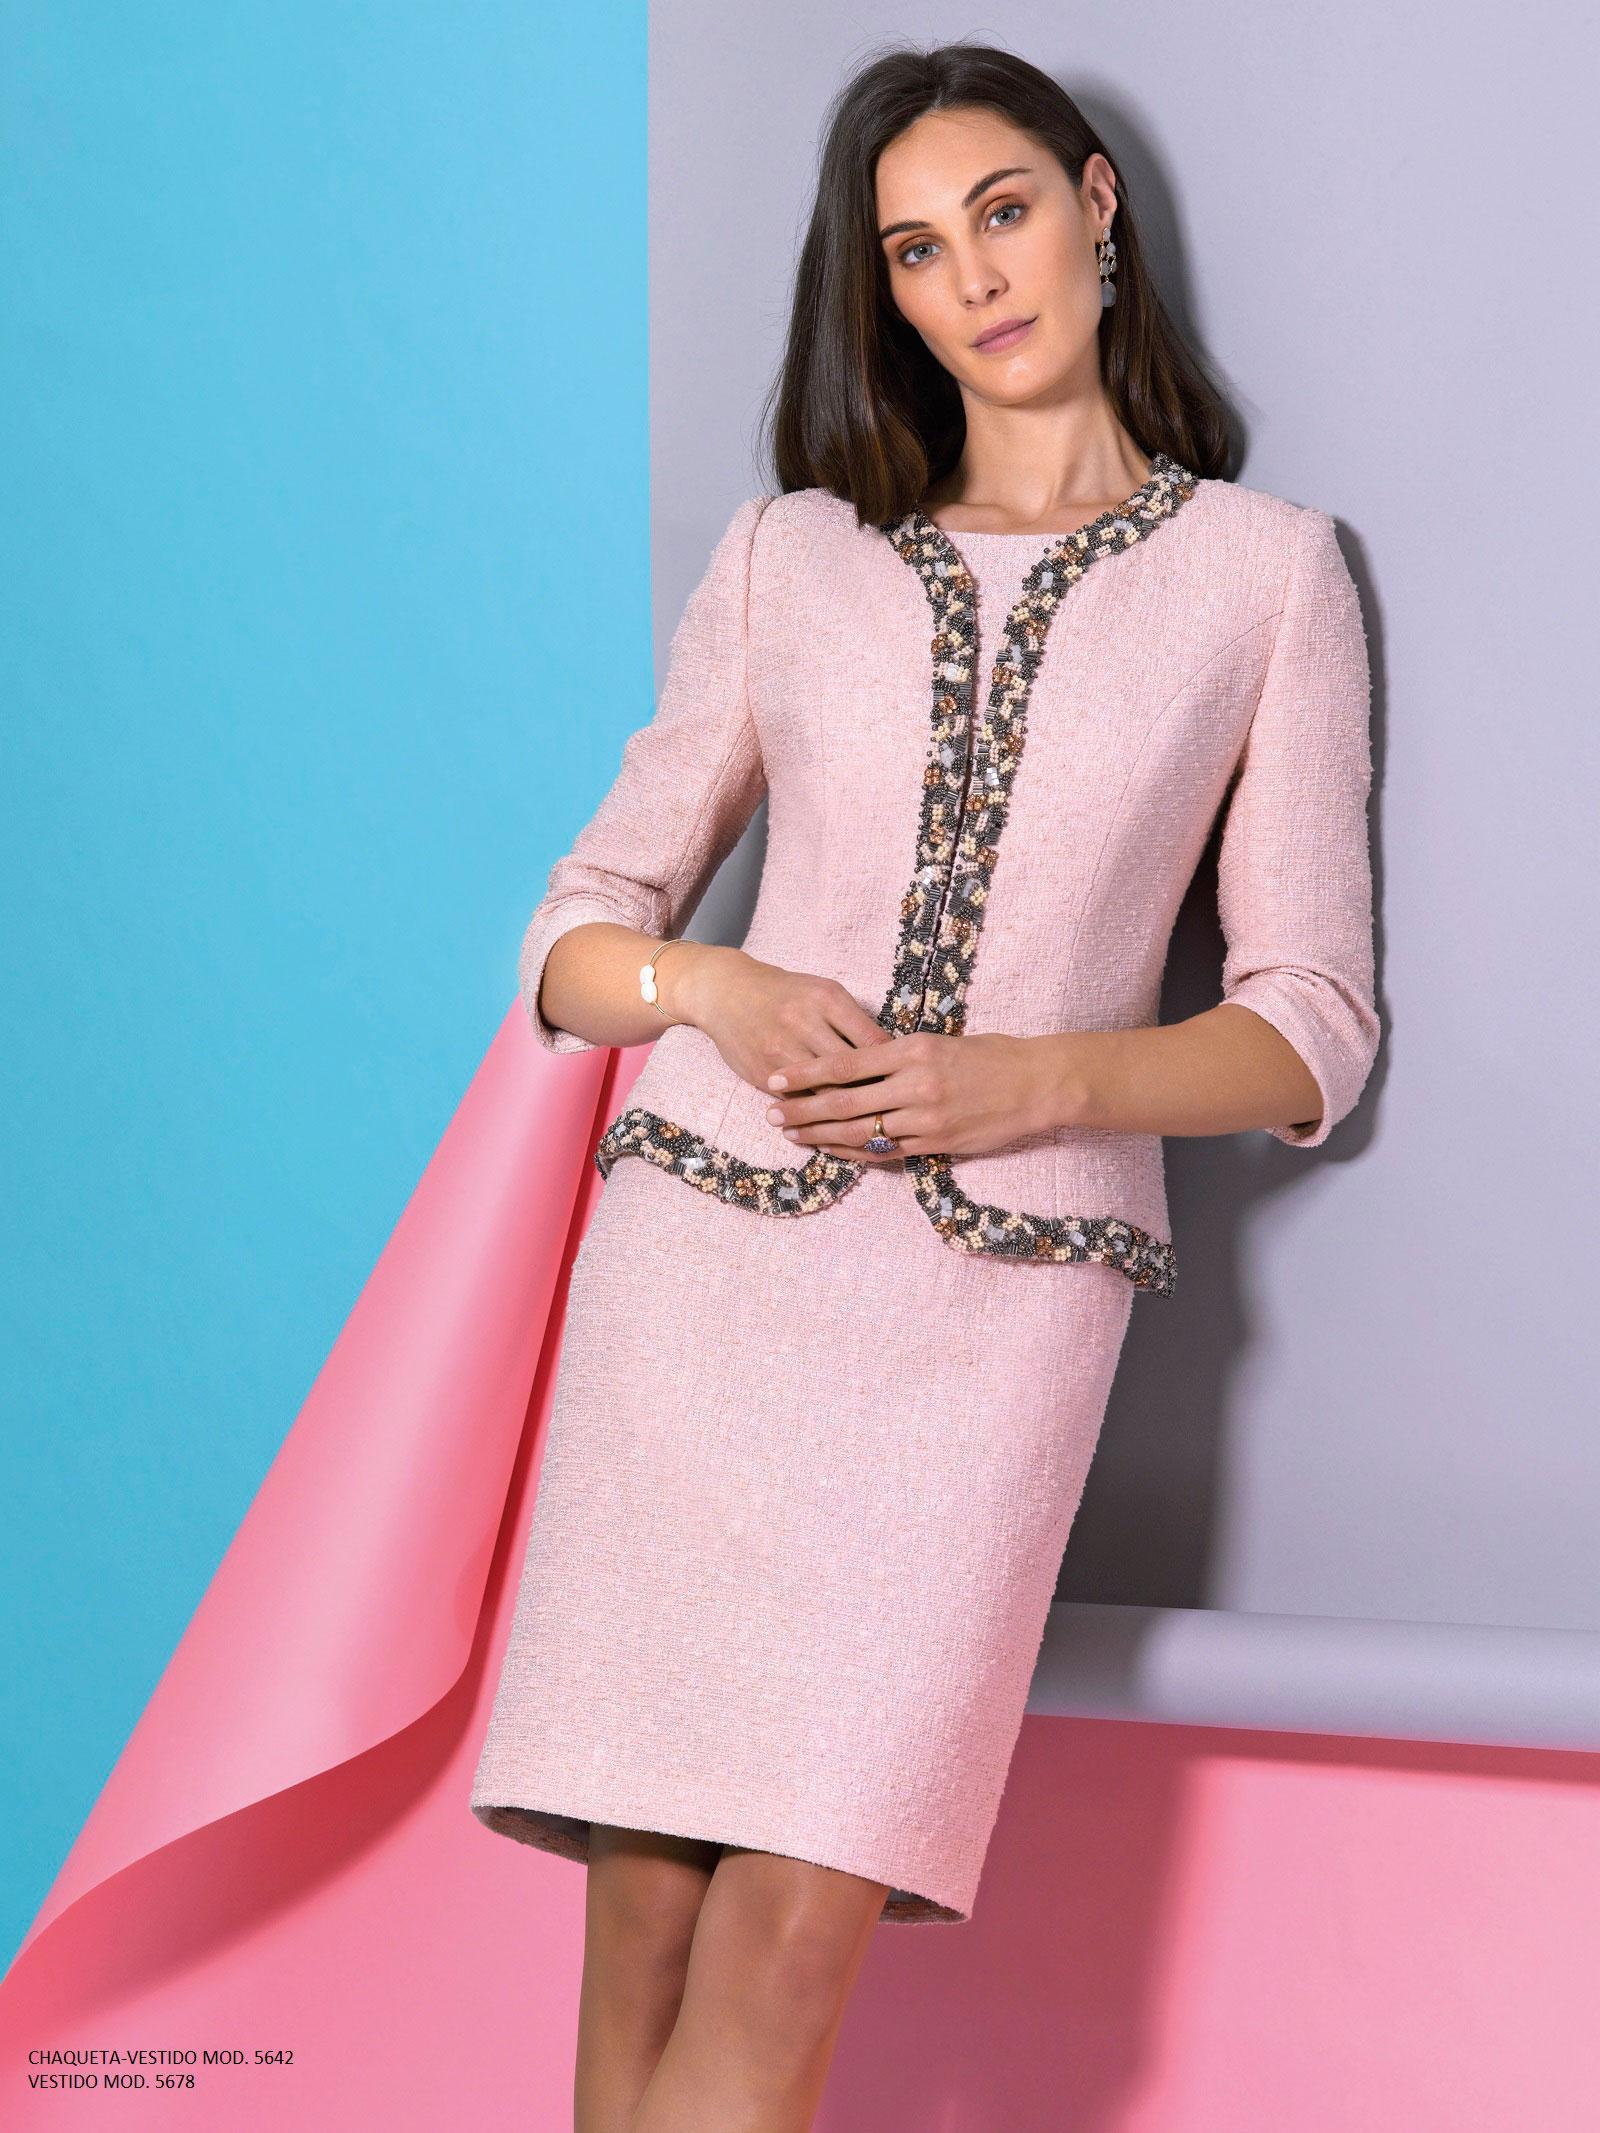 cd98907cb El gusto por la confección artesanal y el mimo por la costura son nuestras  señas de identidad pues nuestro vestidos emplean ricos tejidos